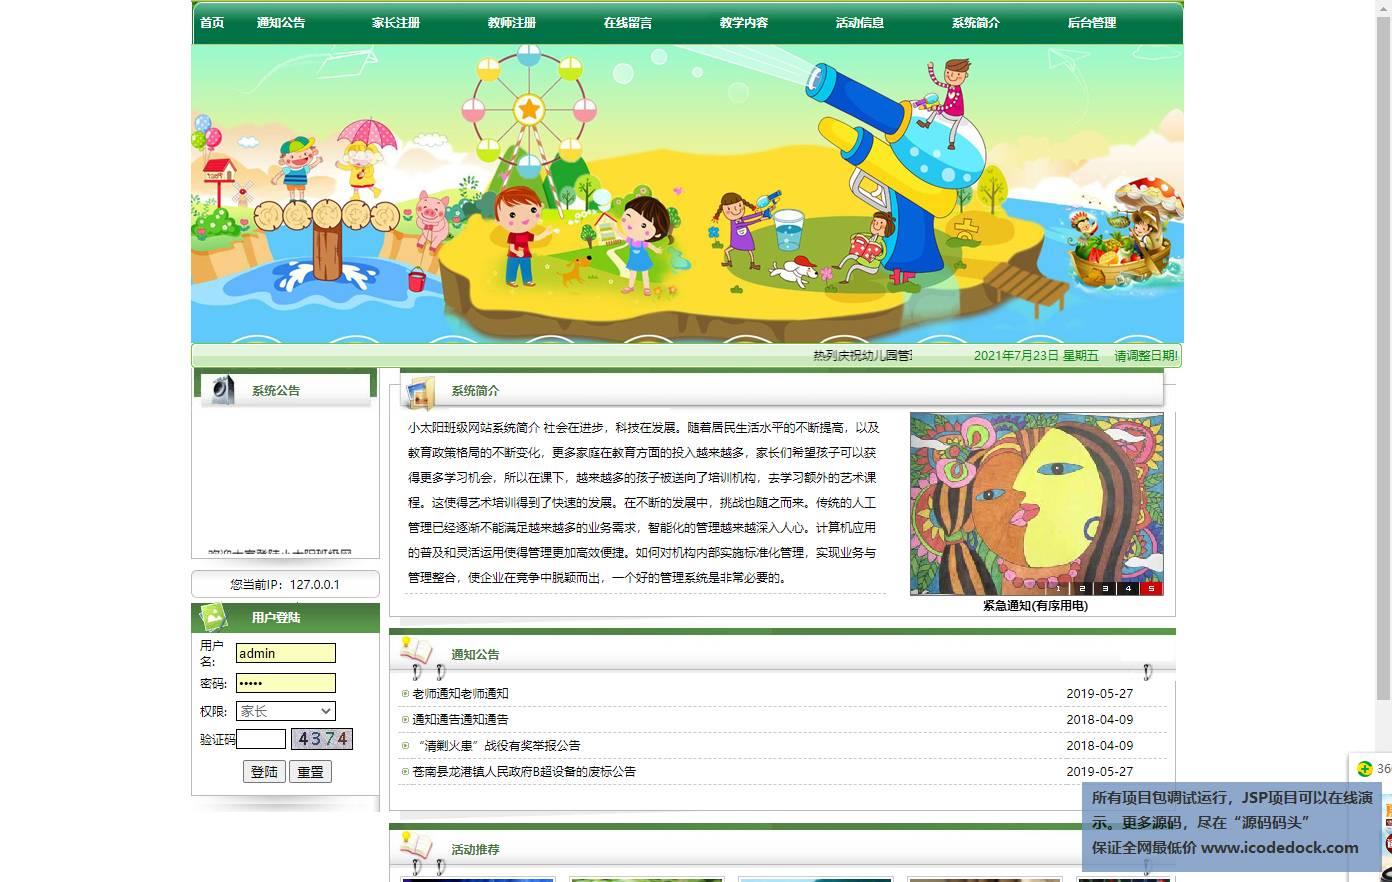 源码码头-JSP在线幼儿园管理包含官网系统平台-用户角色-查看首页